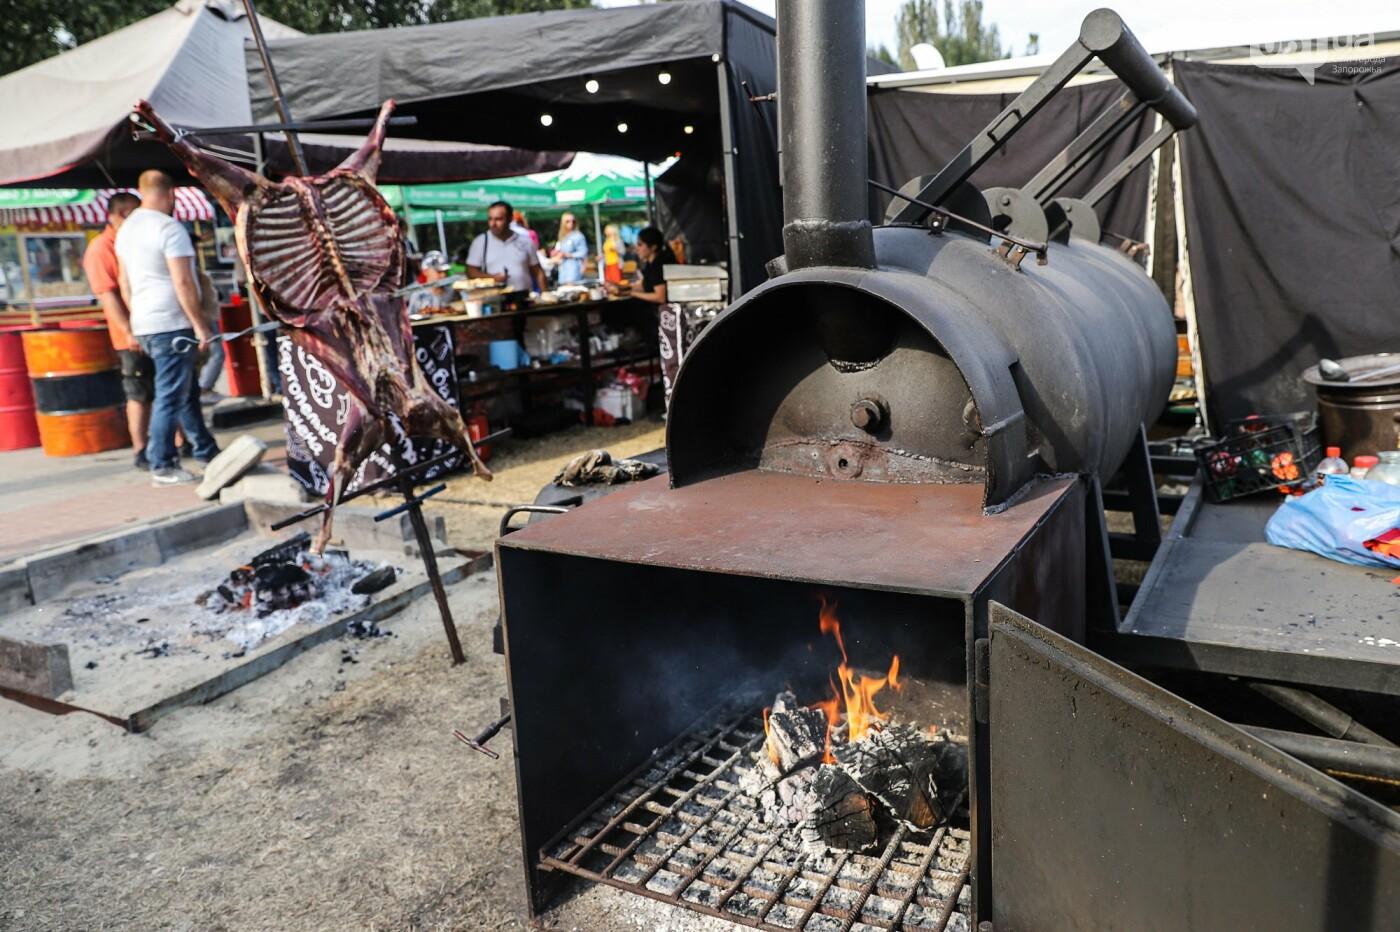 Бограч в хлебных горшочках и мясо из уникальной печи: что нового на фестивале уличной еды в Запорожье, - ФОТОРЕПОРТАЖ, фото-18